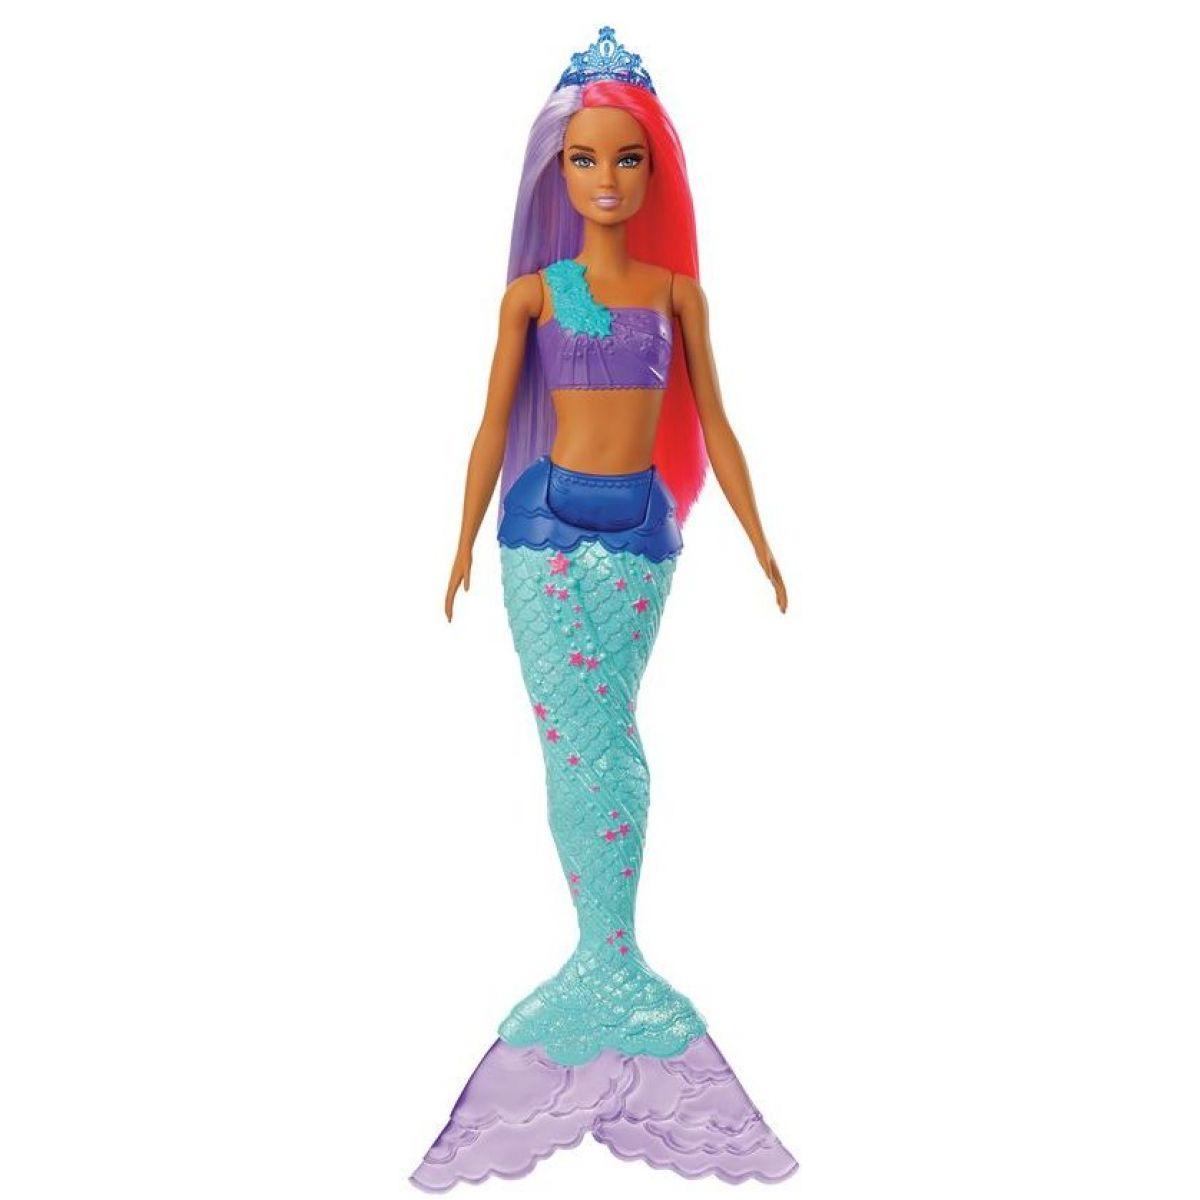 Mattel Barbie kouzelná mořská víla vlasy fialově-červené